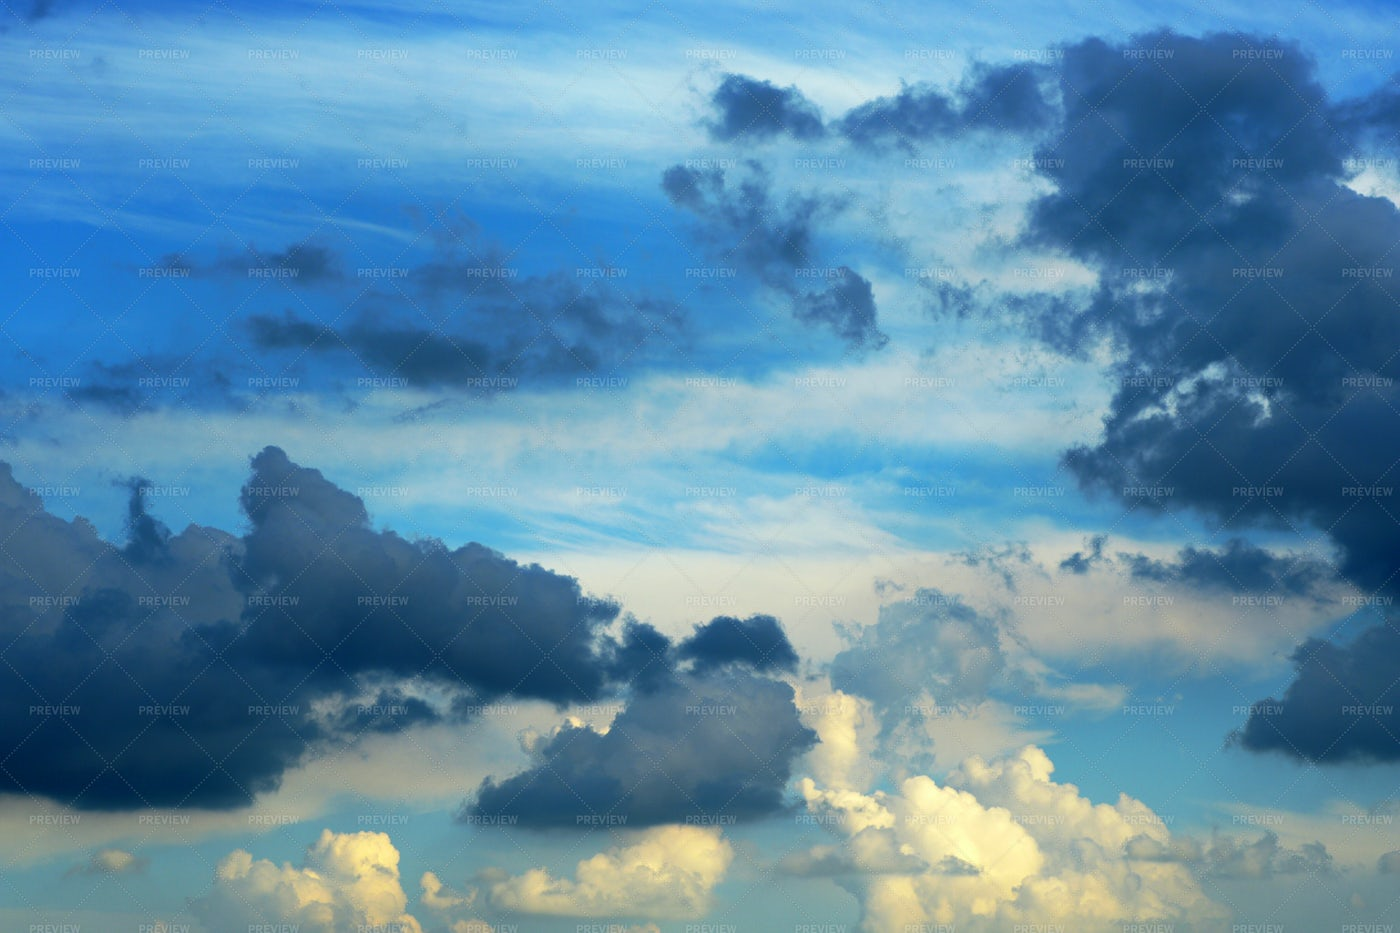 Cloudy Sky At Sunset: Stock Photos